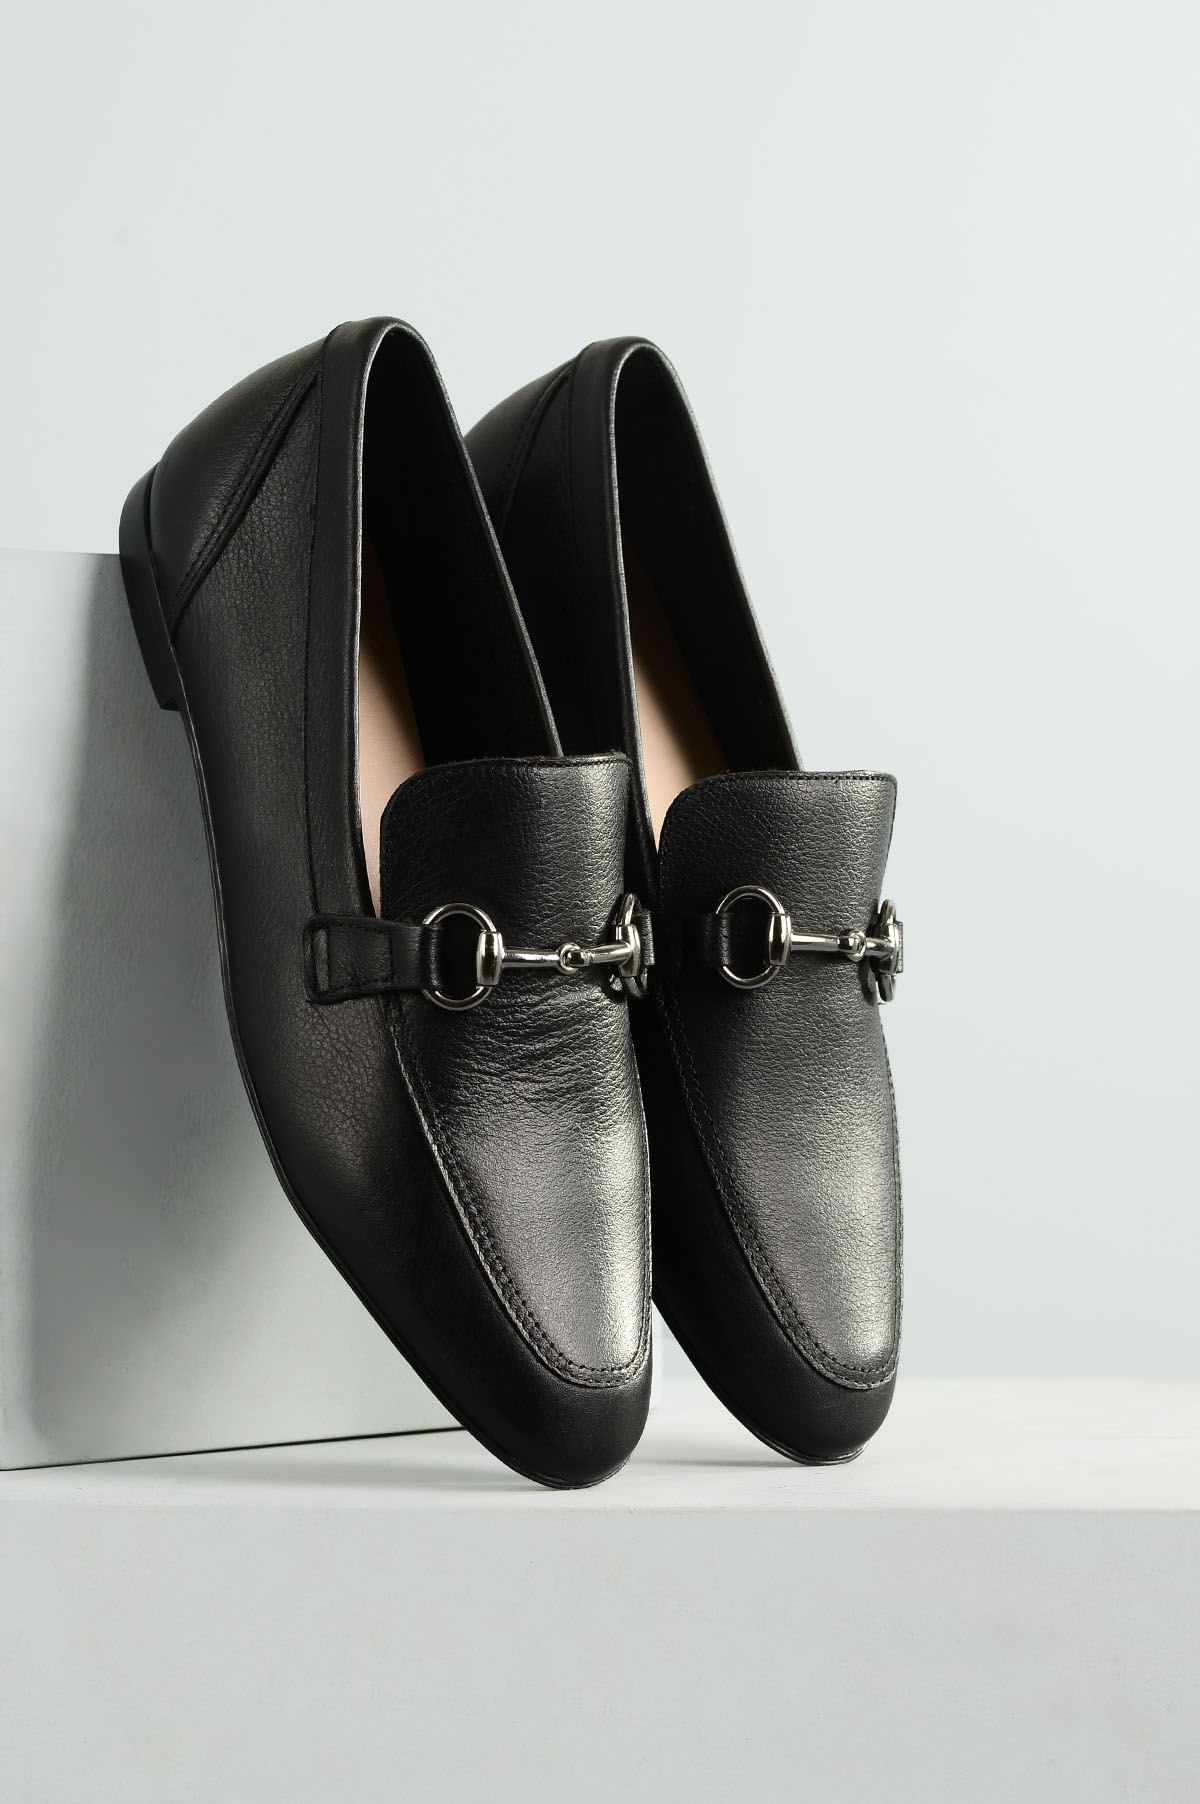 c51a8d8799 Mocassim Feminino Milany Mundial CR-PRETO - Mundial Calçados